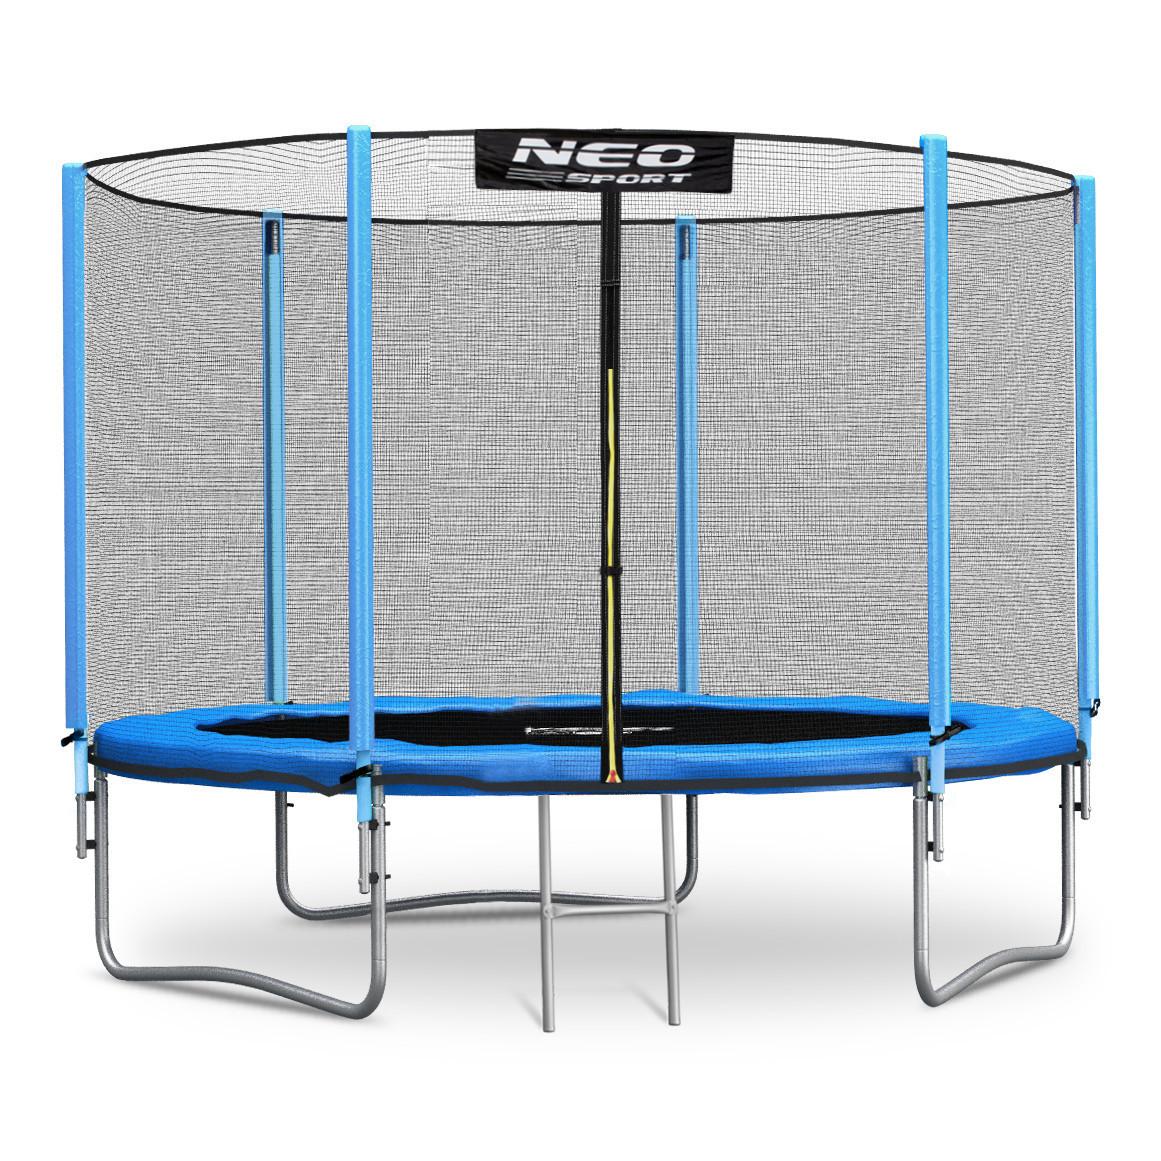 Садовый батут Neo-Sport 10ft/312 см для всей семьи с усиленной рамой внешней сеткой и лестницей